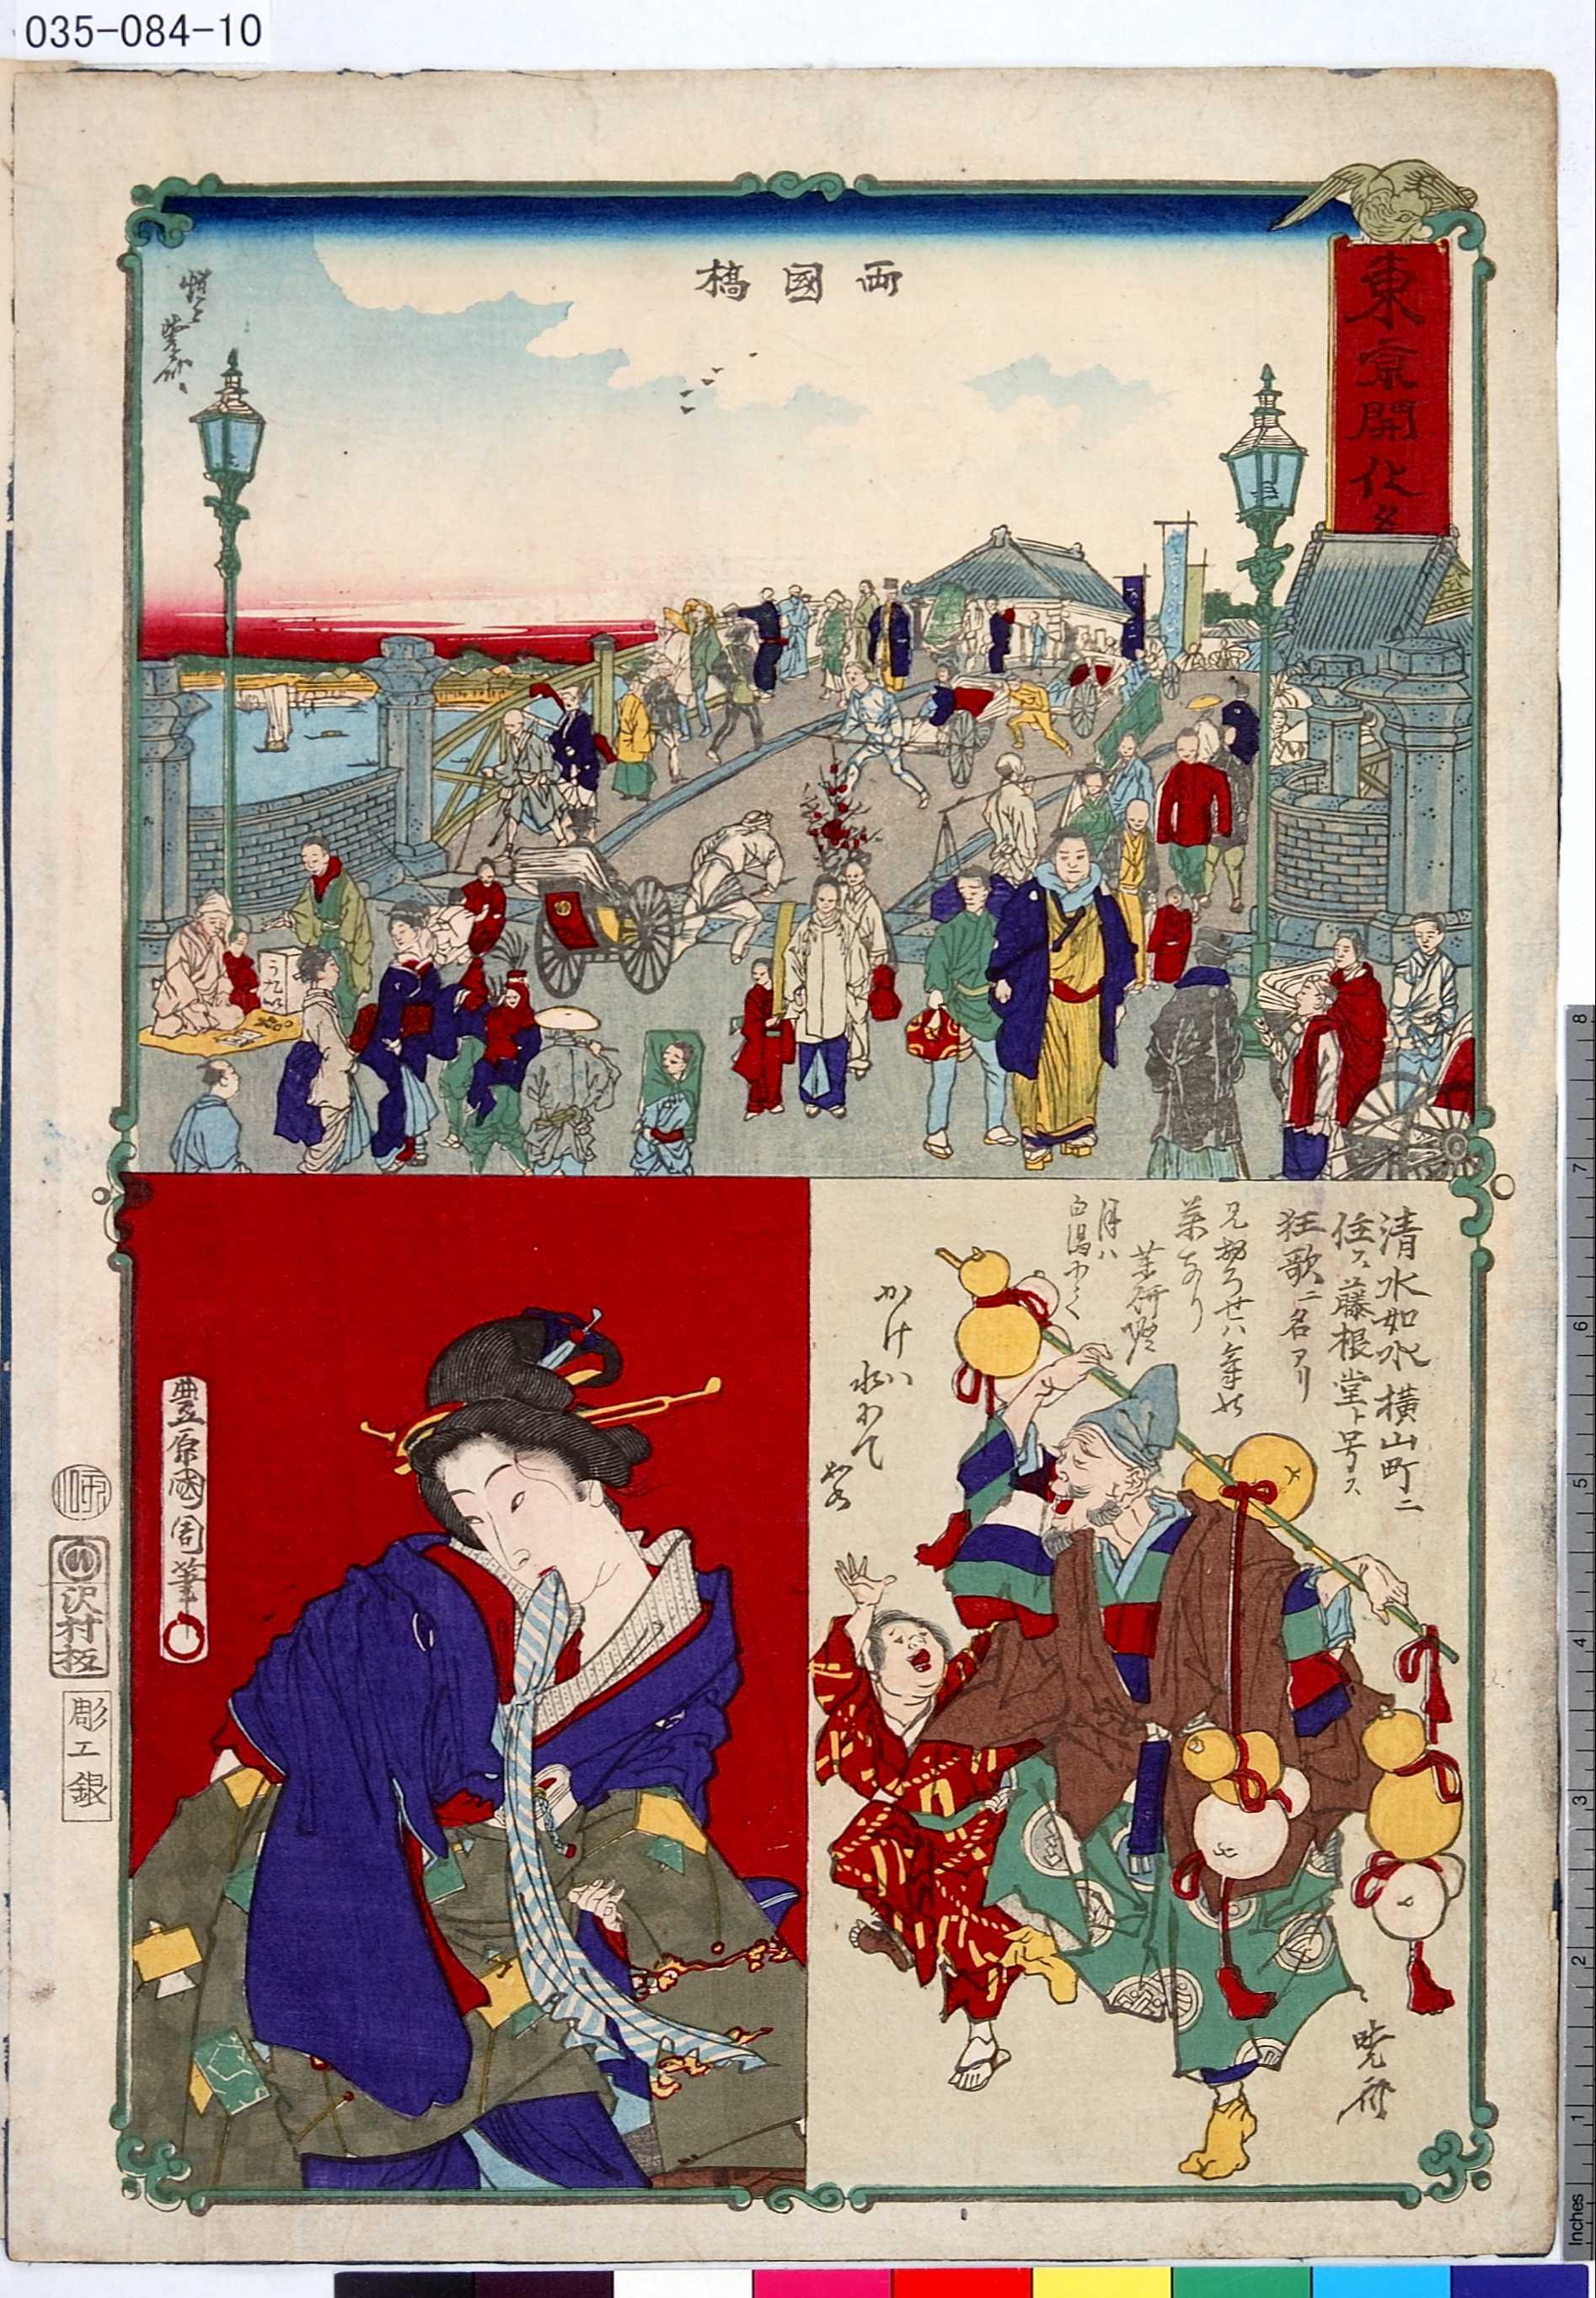 河鍋暁斎の画像 p1_38